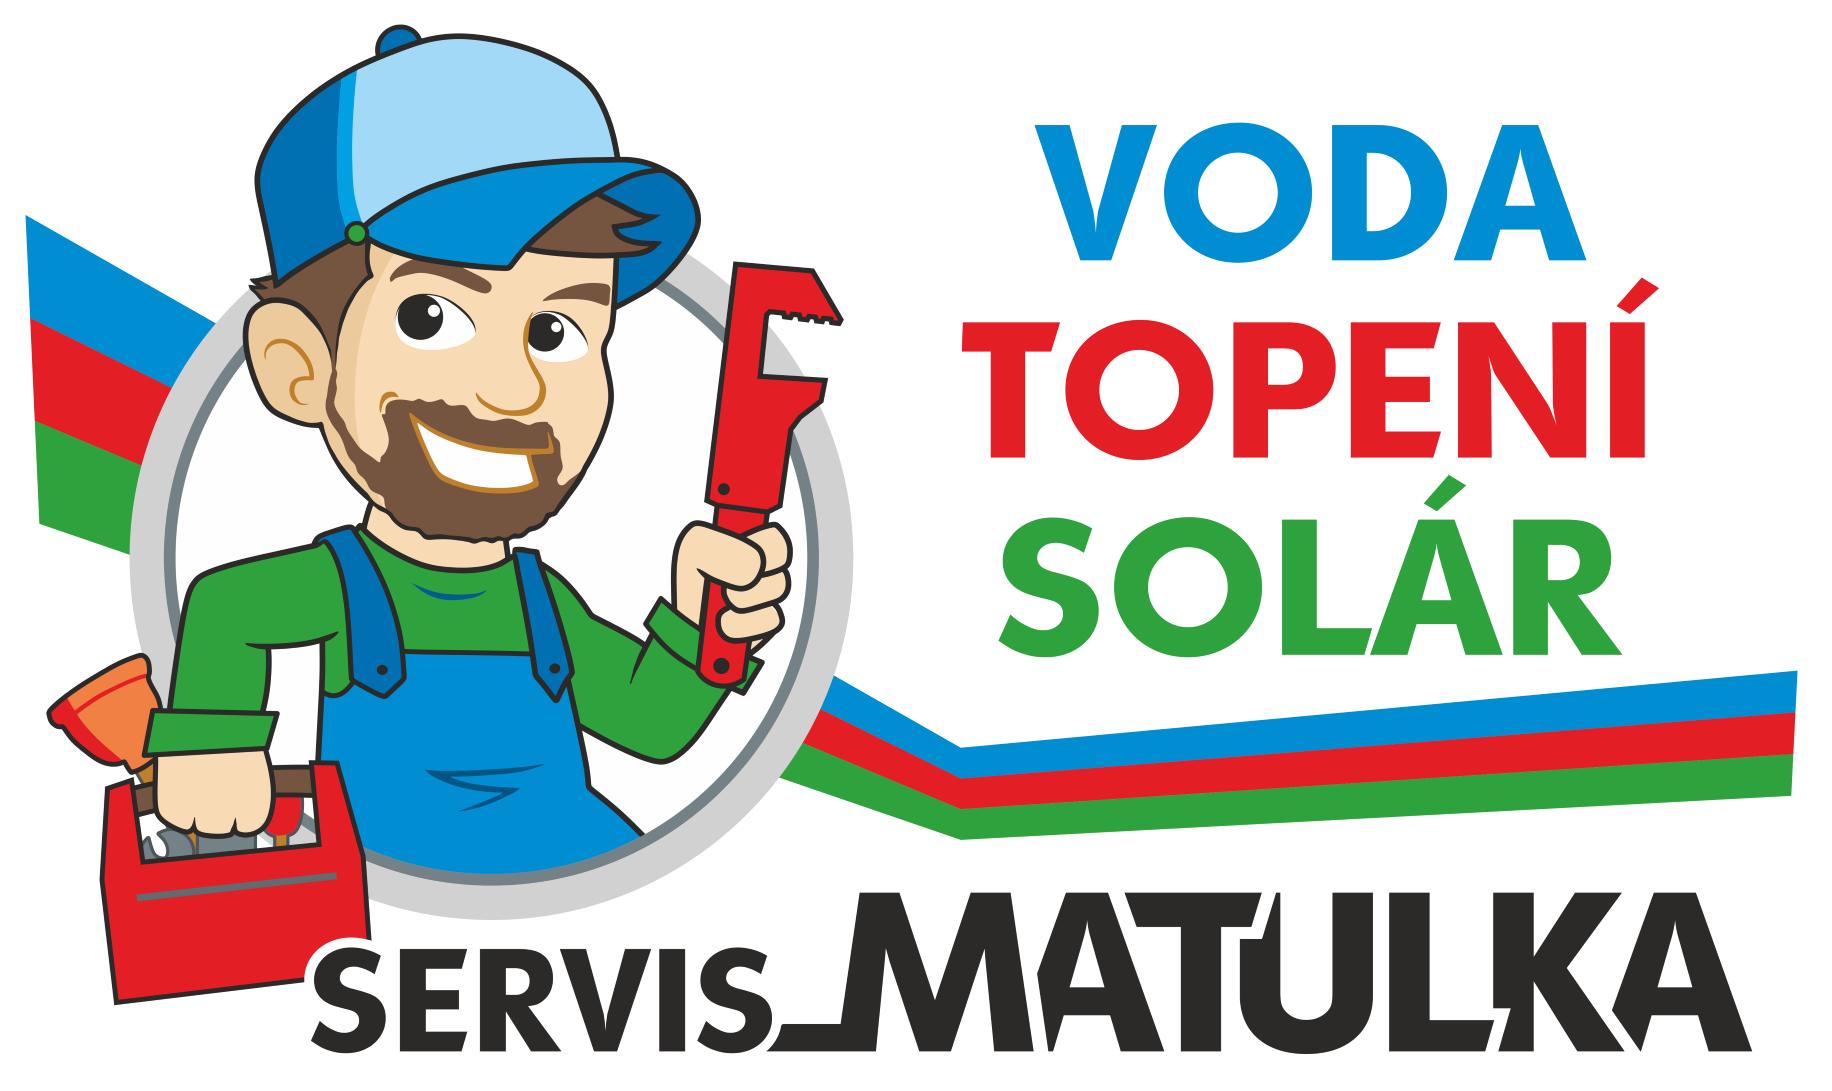 Servis Matulka